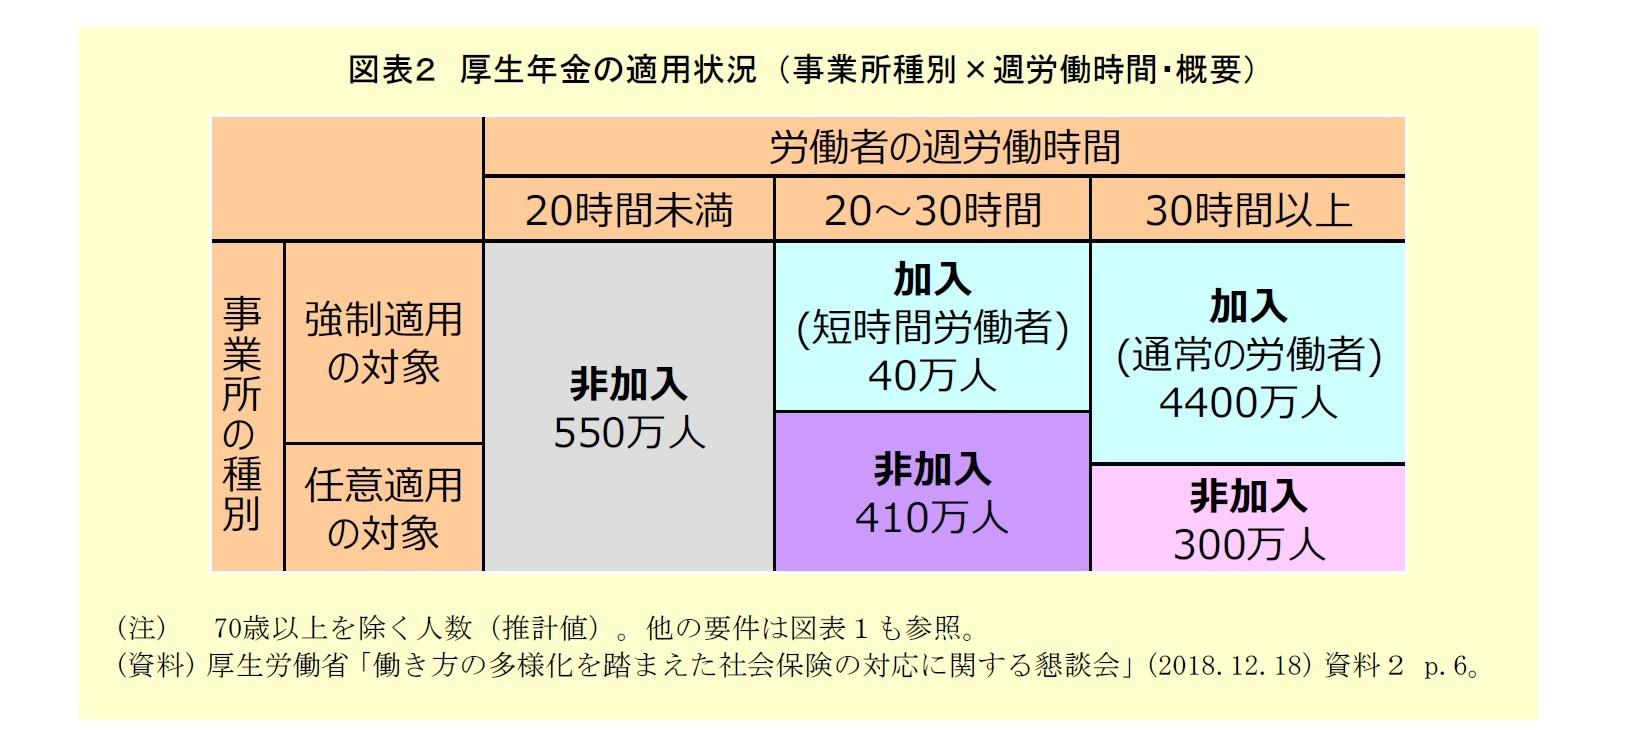 図表2:厚生年金の適用状況